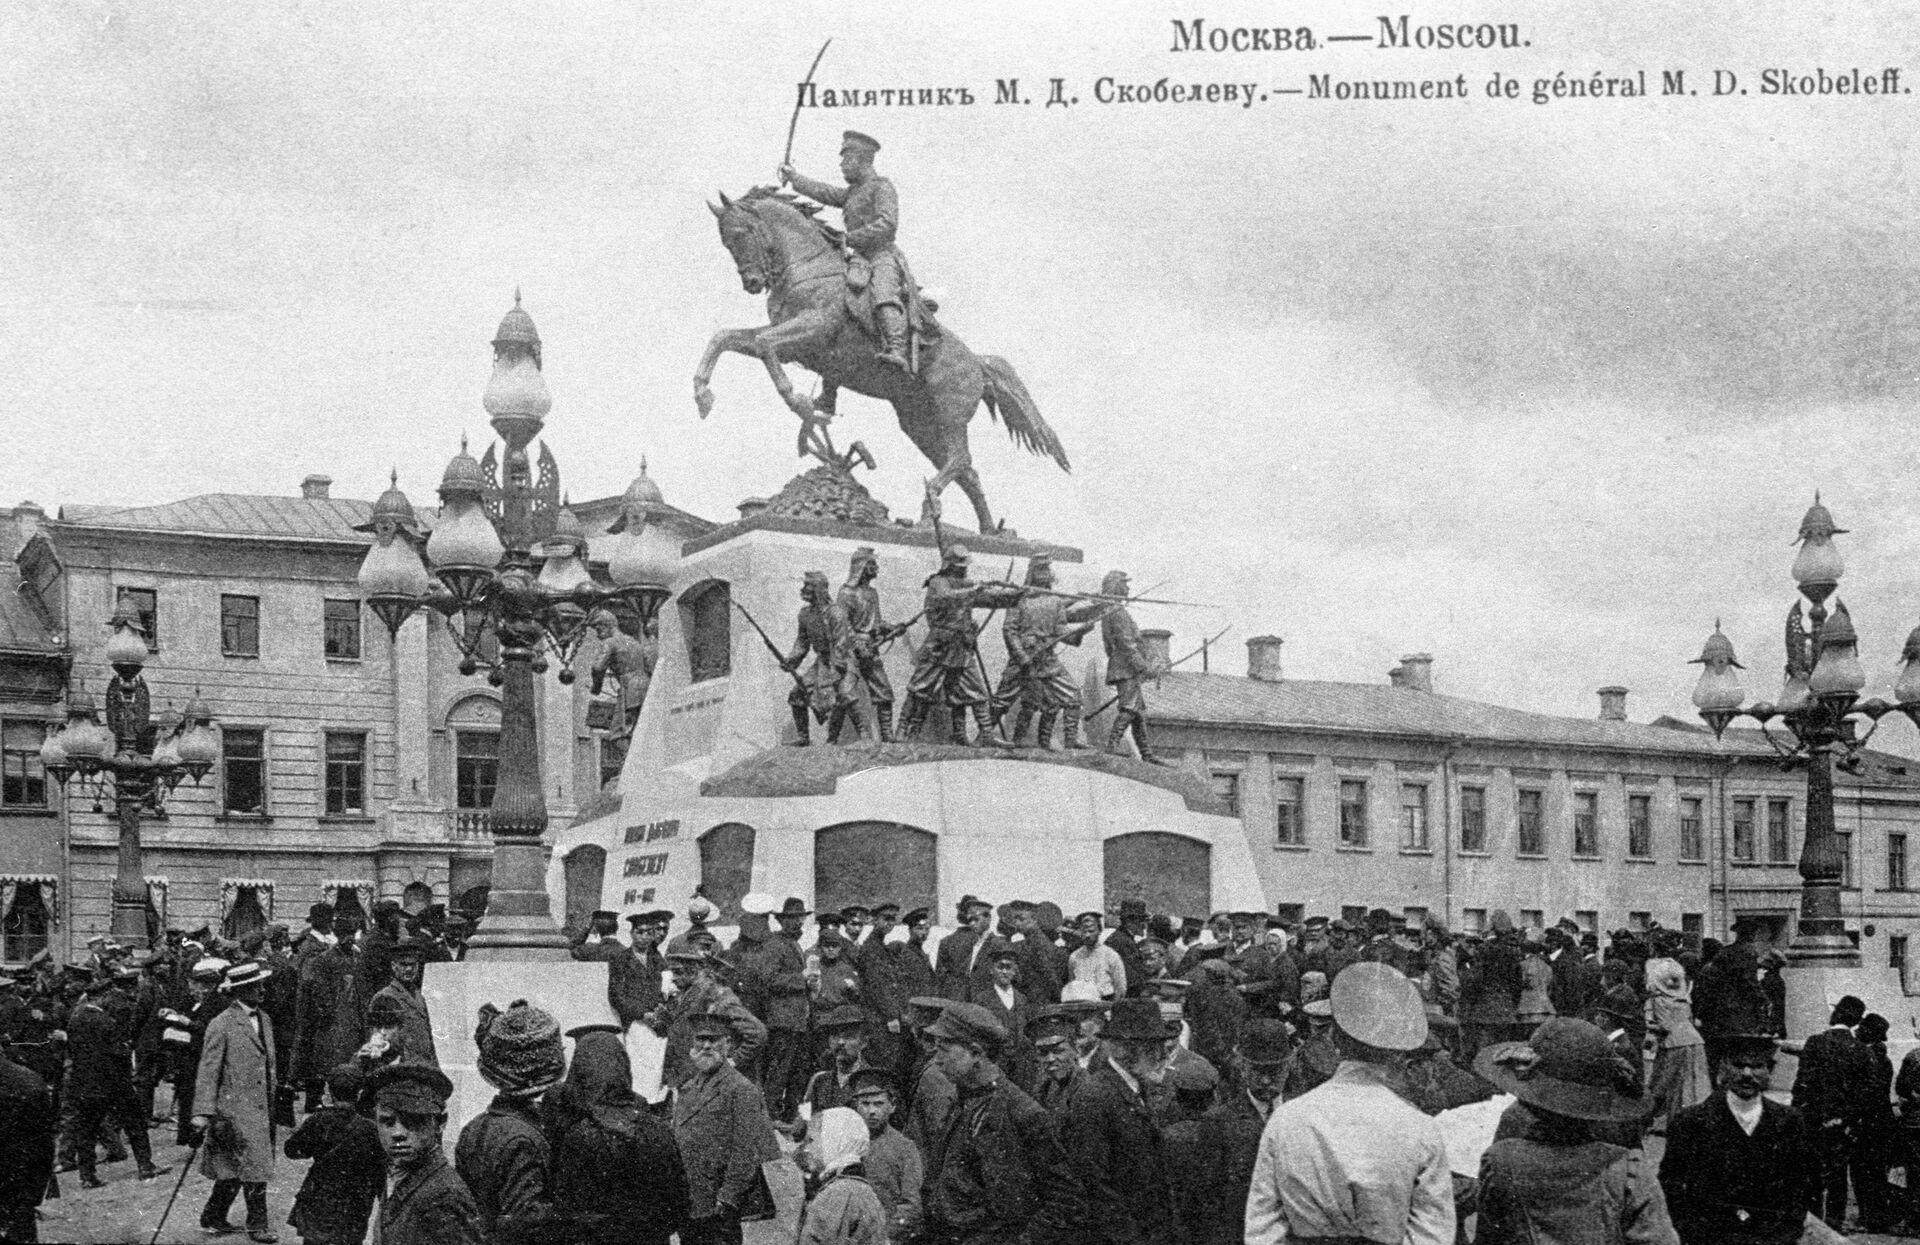 Памятник Скобелеву в Москве - РИА Новости, 1920, 11.07.2021